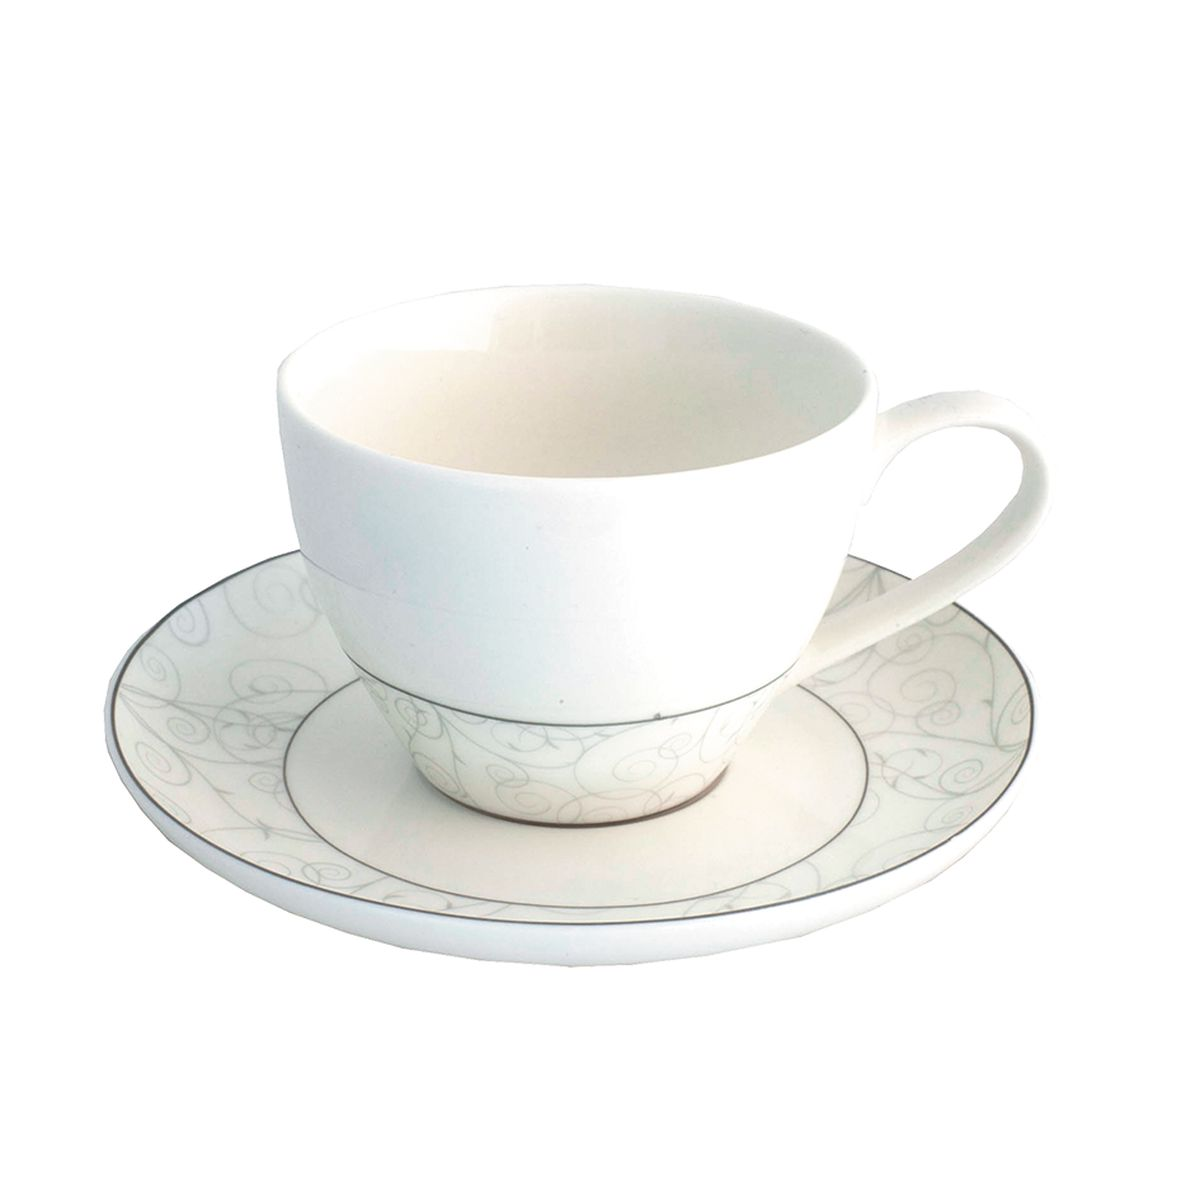 Набор чайный Esprado Florestina, 12 предметов471355Чайный набор Esprado Florestina состоит из шести чашек и шести блюдец, изготовленных из высококачественного костяного фарфора. Над созданием дизайна коллекций посуды из фарфора Esprado работает международная команда высококлассных дизайнеров, не только воплощающих в жизнь все новейшие тренды, но также и придерживающихся многовековых традиций при создании классических коллекций. Посуда из костяного фарфора будет идеальным выбором, для тех, кто предпочитает красивую современную посуду из высококачественного материала, которая отличается высокой прочностью и подходит для ежедневного использования. Сдержанный блеск серебра в сочетании с утонченными узорами на идеальном фоне из высококачественного костяного фарфора - европейская изысканность коллекции Florestina даже самый обычный ужин превратит в праздник!Можно использовать в микроволновки печи и мыть в посудомоечной машине.